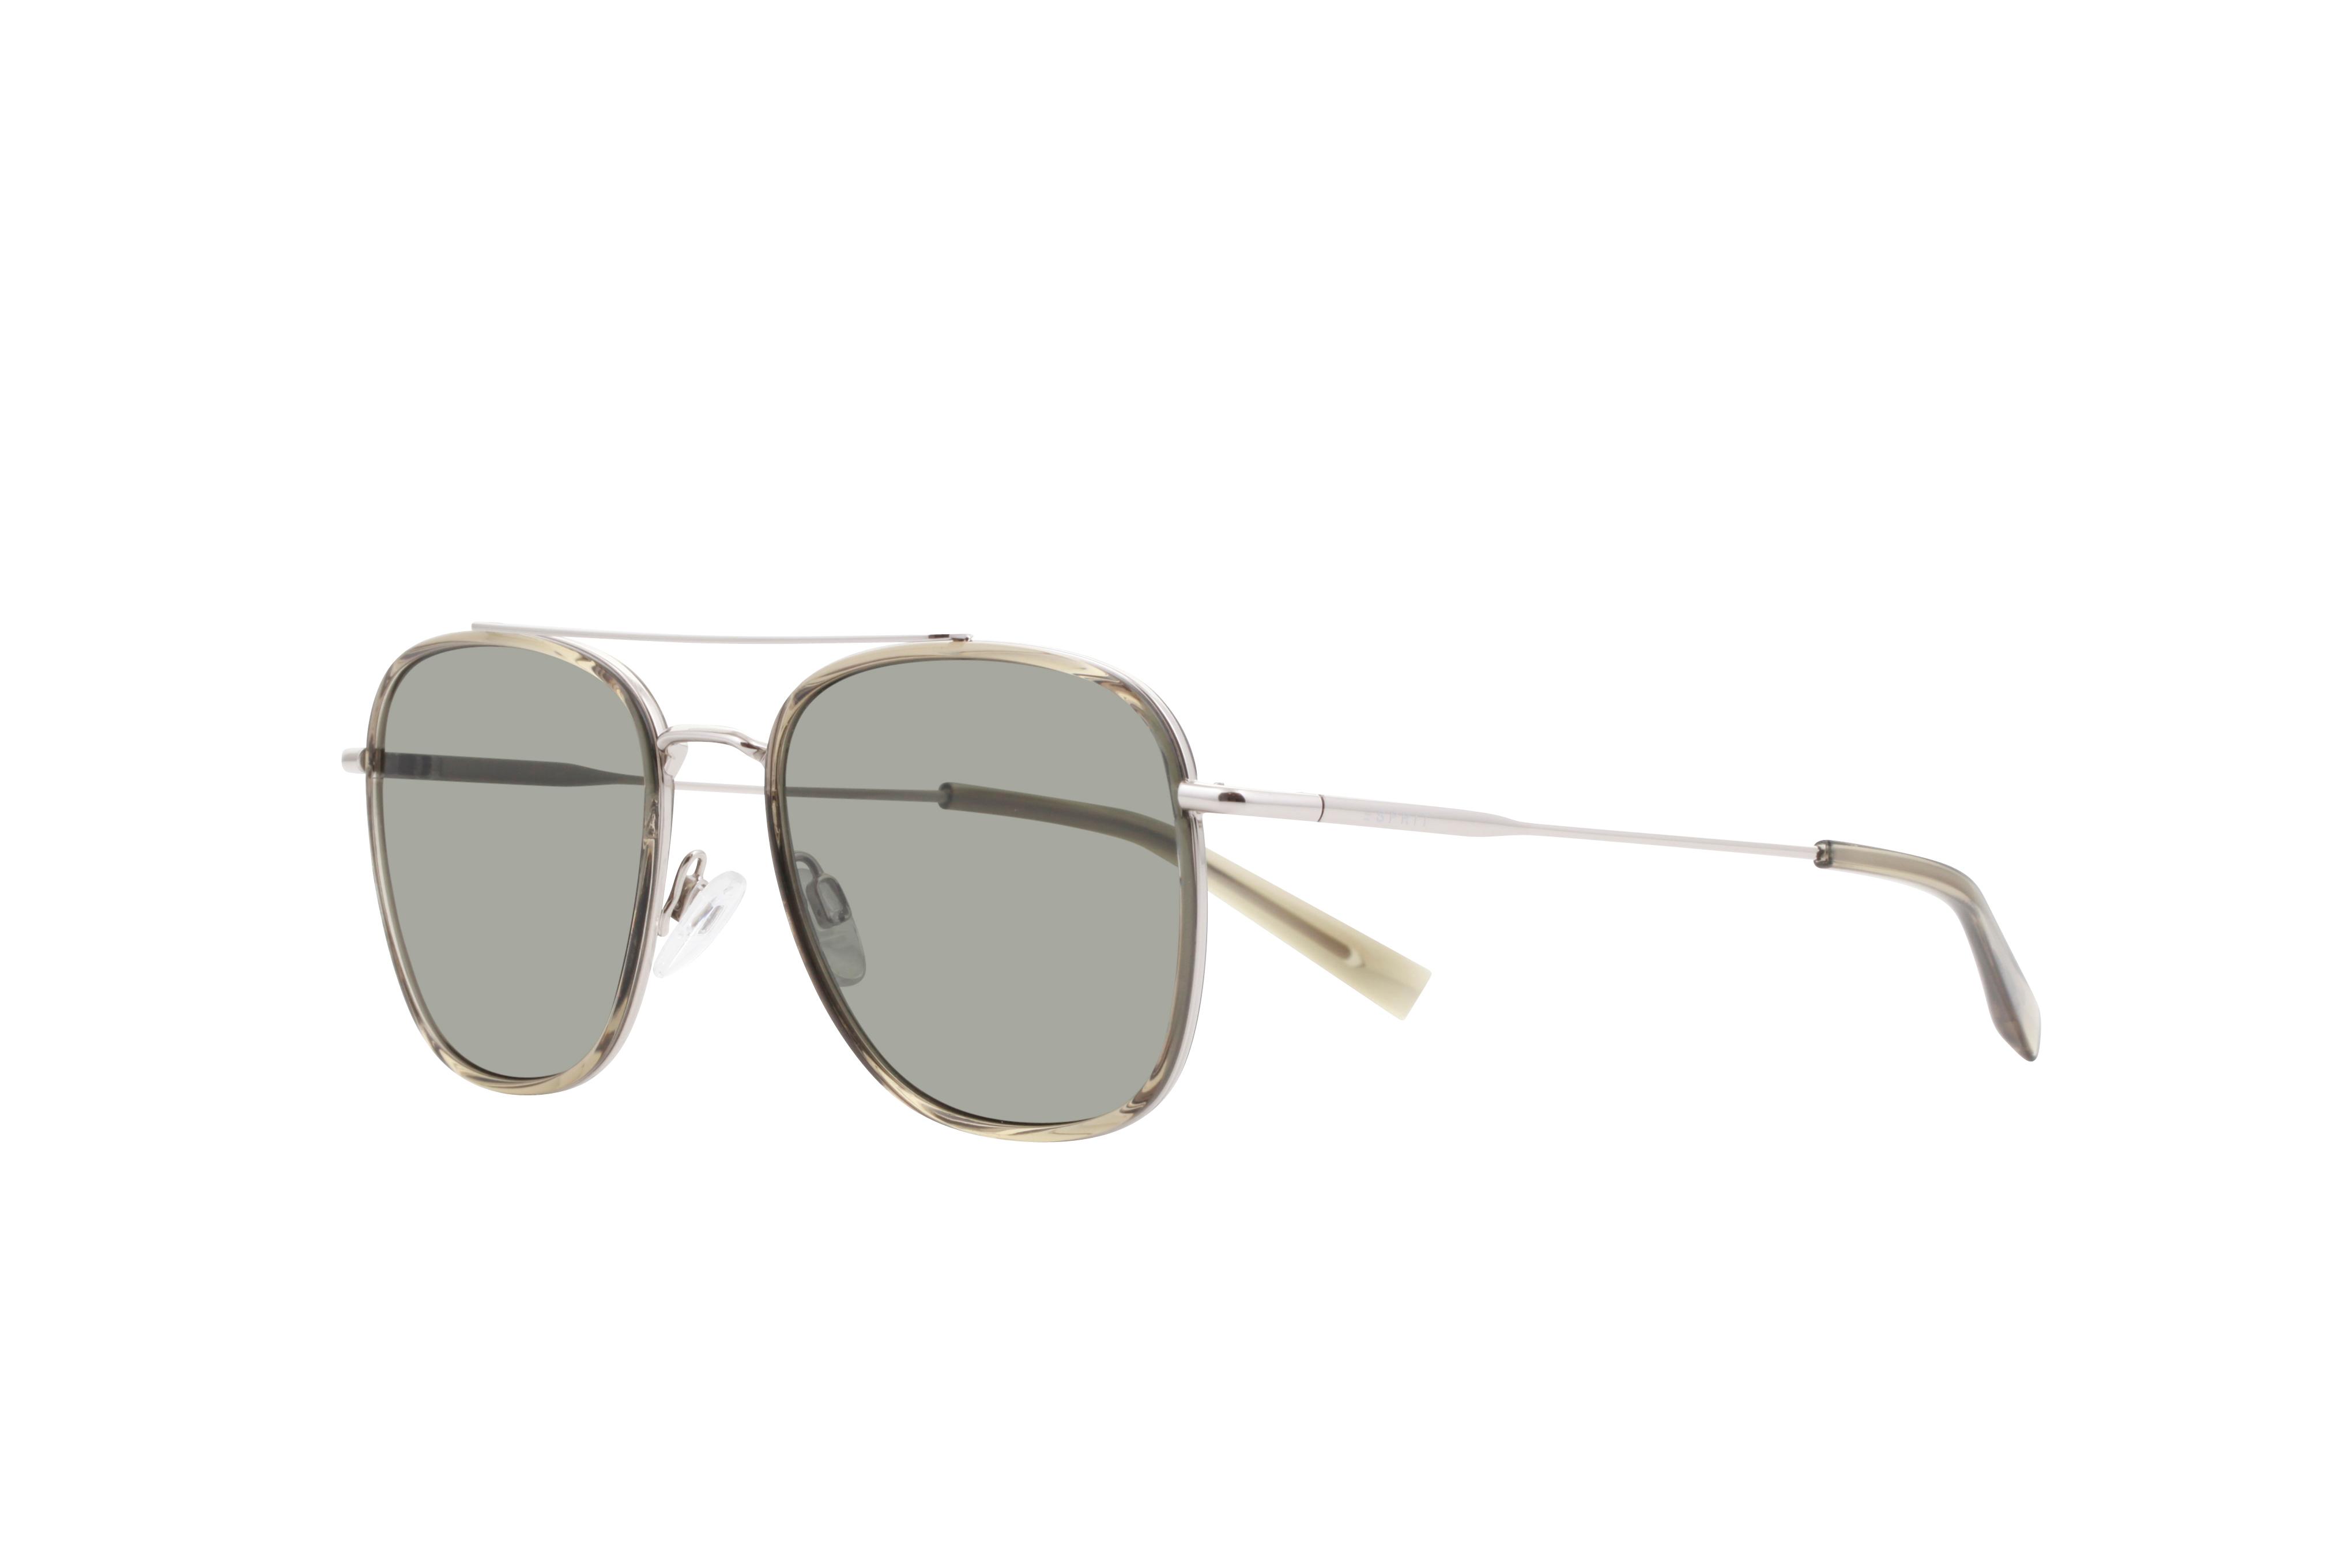 Angle_Left01 Esprit Esprit 17992 527 54/19 Zilver, Groen/Groen